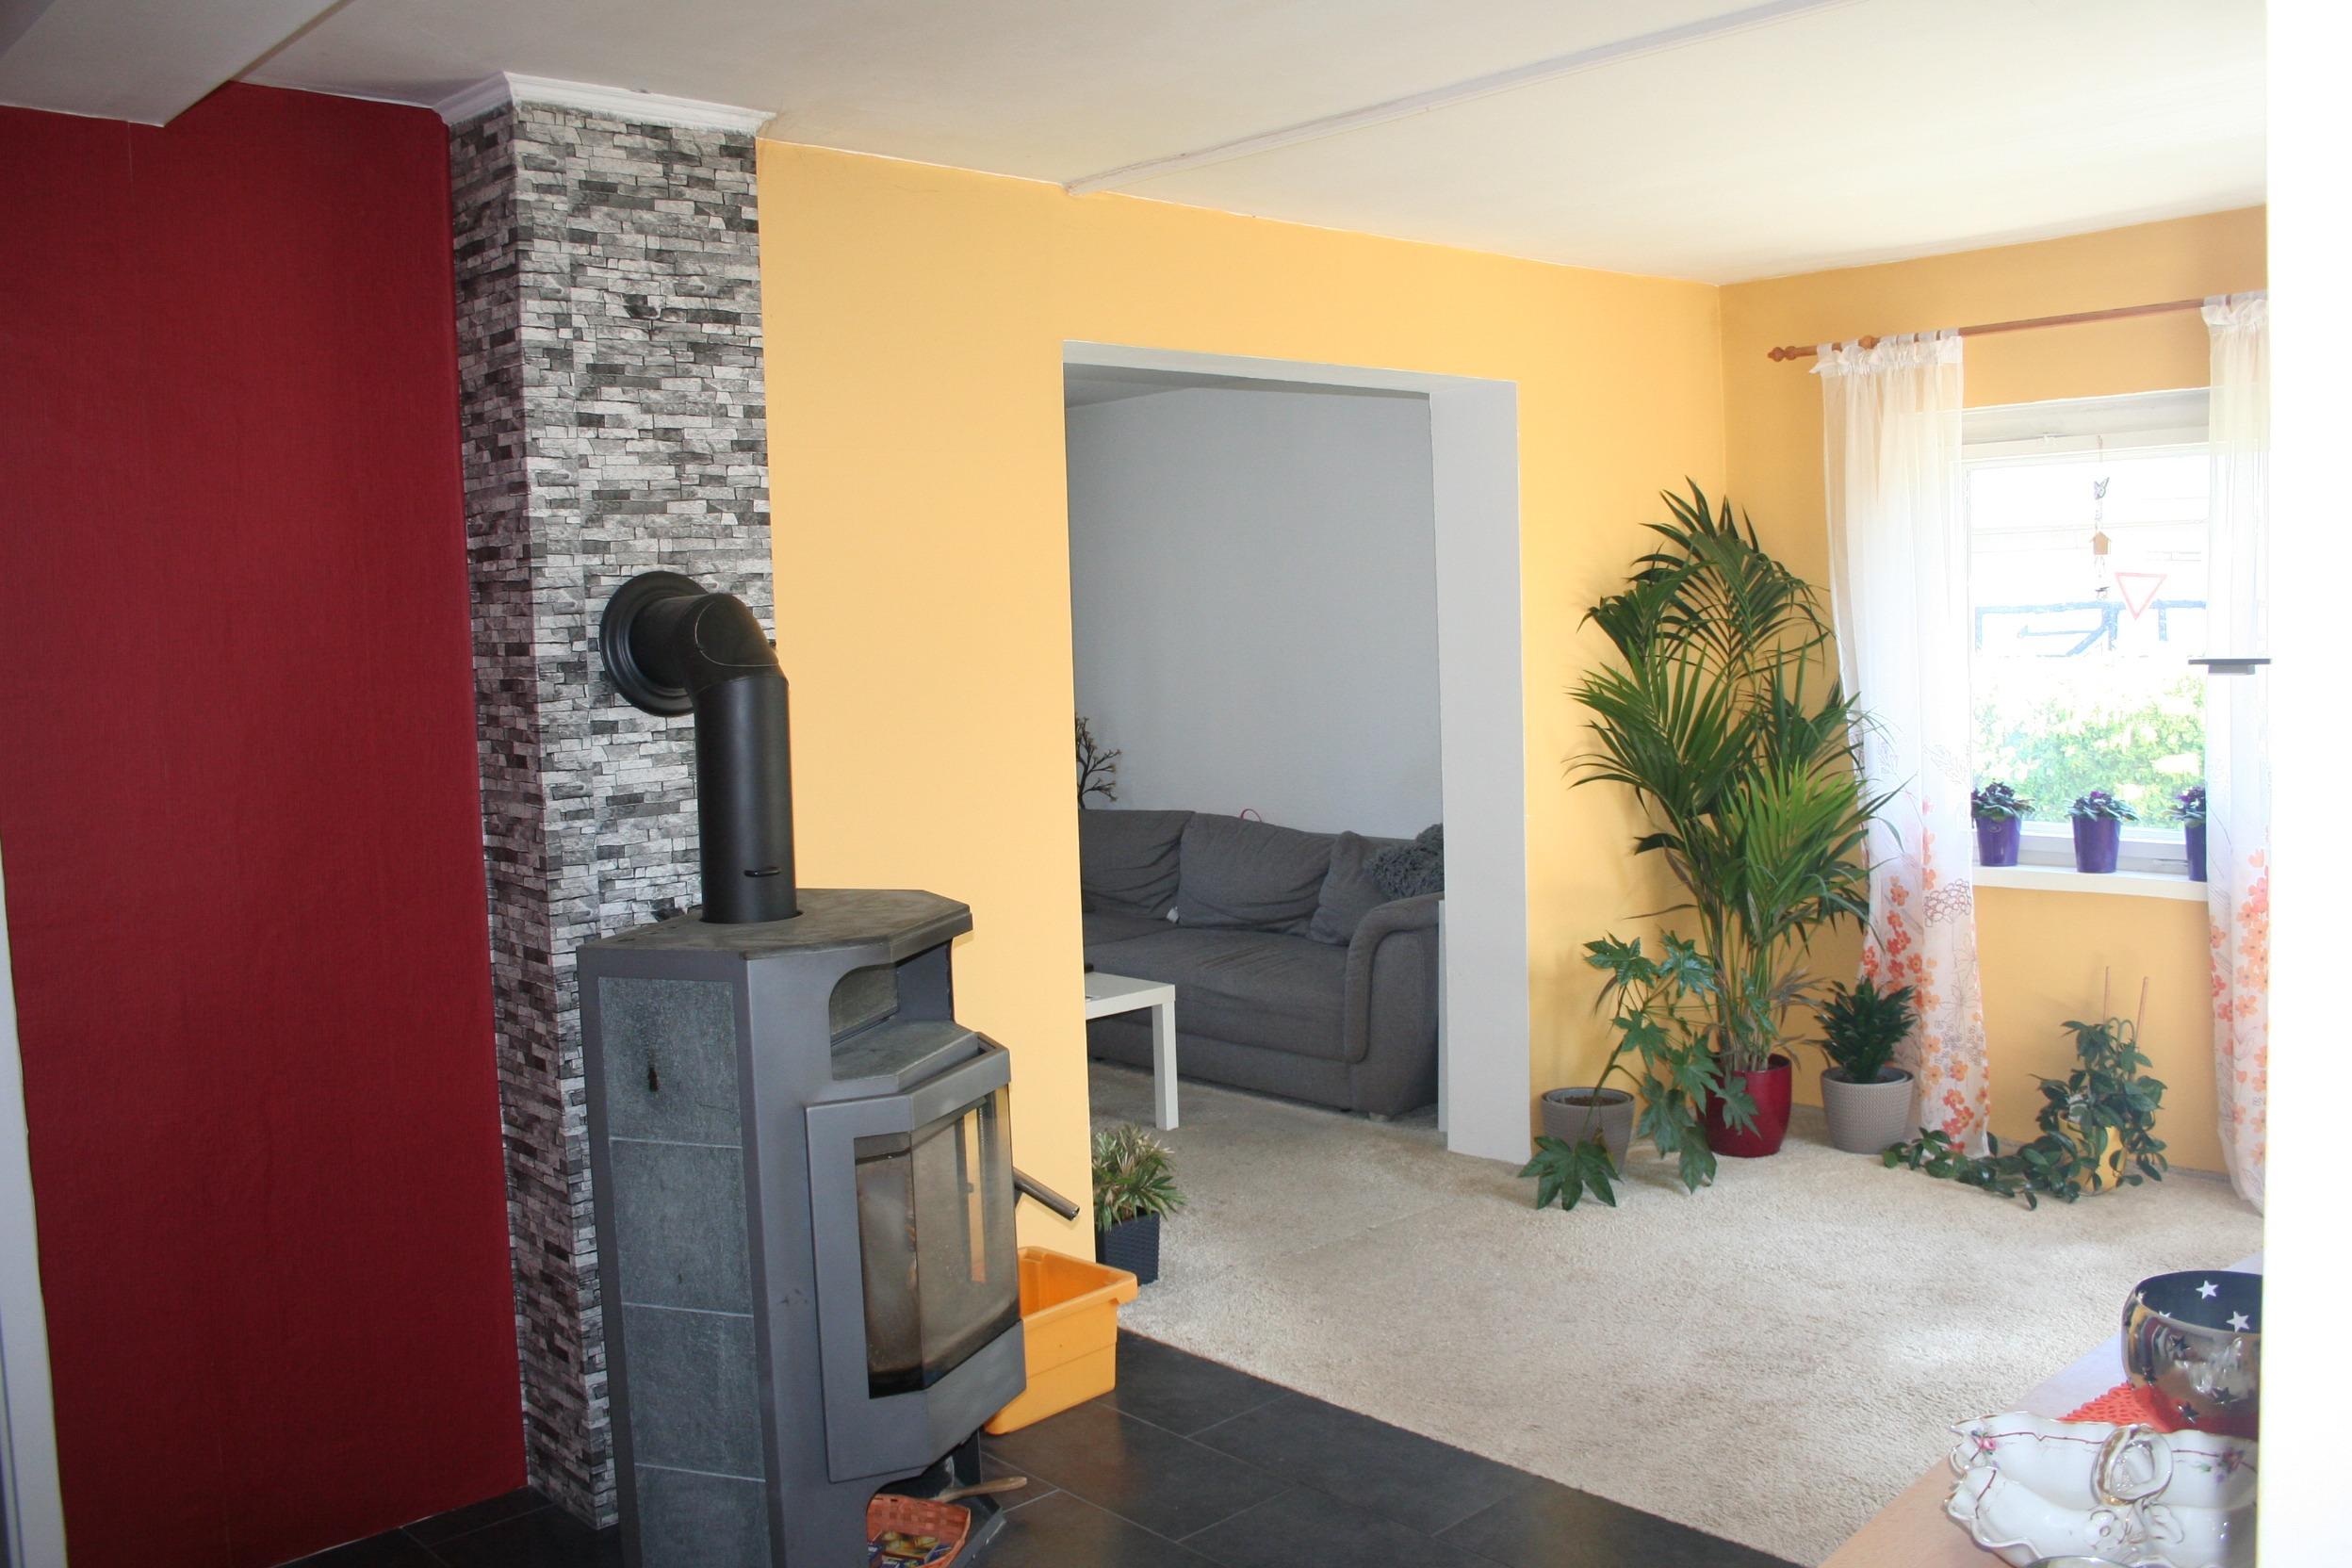 Einfamilienhaus Halle - Teil des Wohnzimmers mit Kaminofen